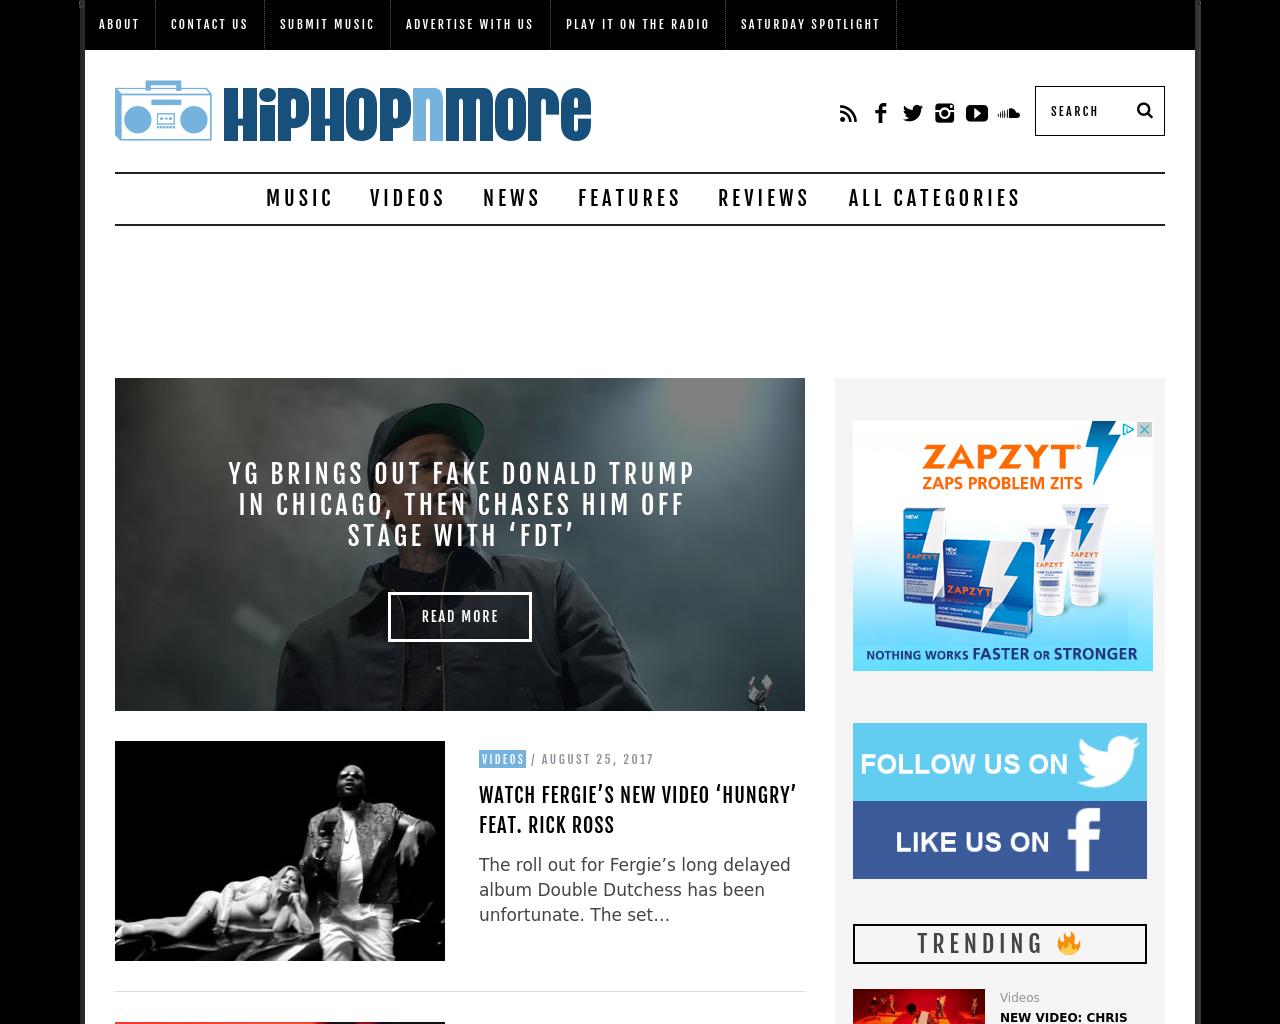 HipHop-N-More-Advertising-Reviews-Pricing